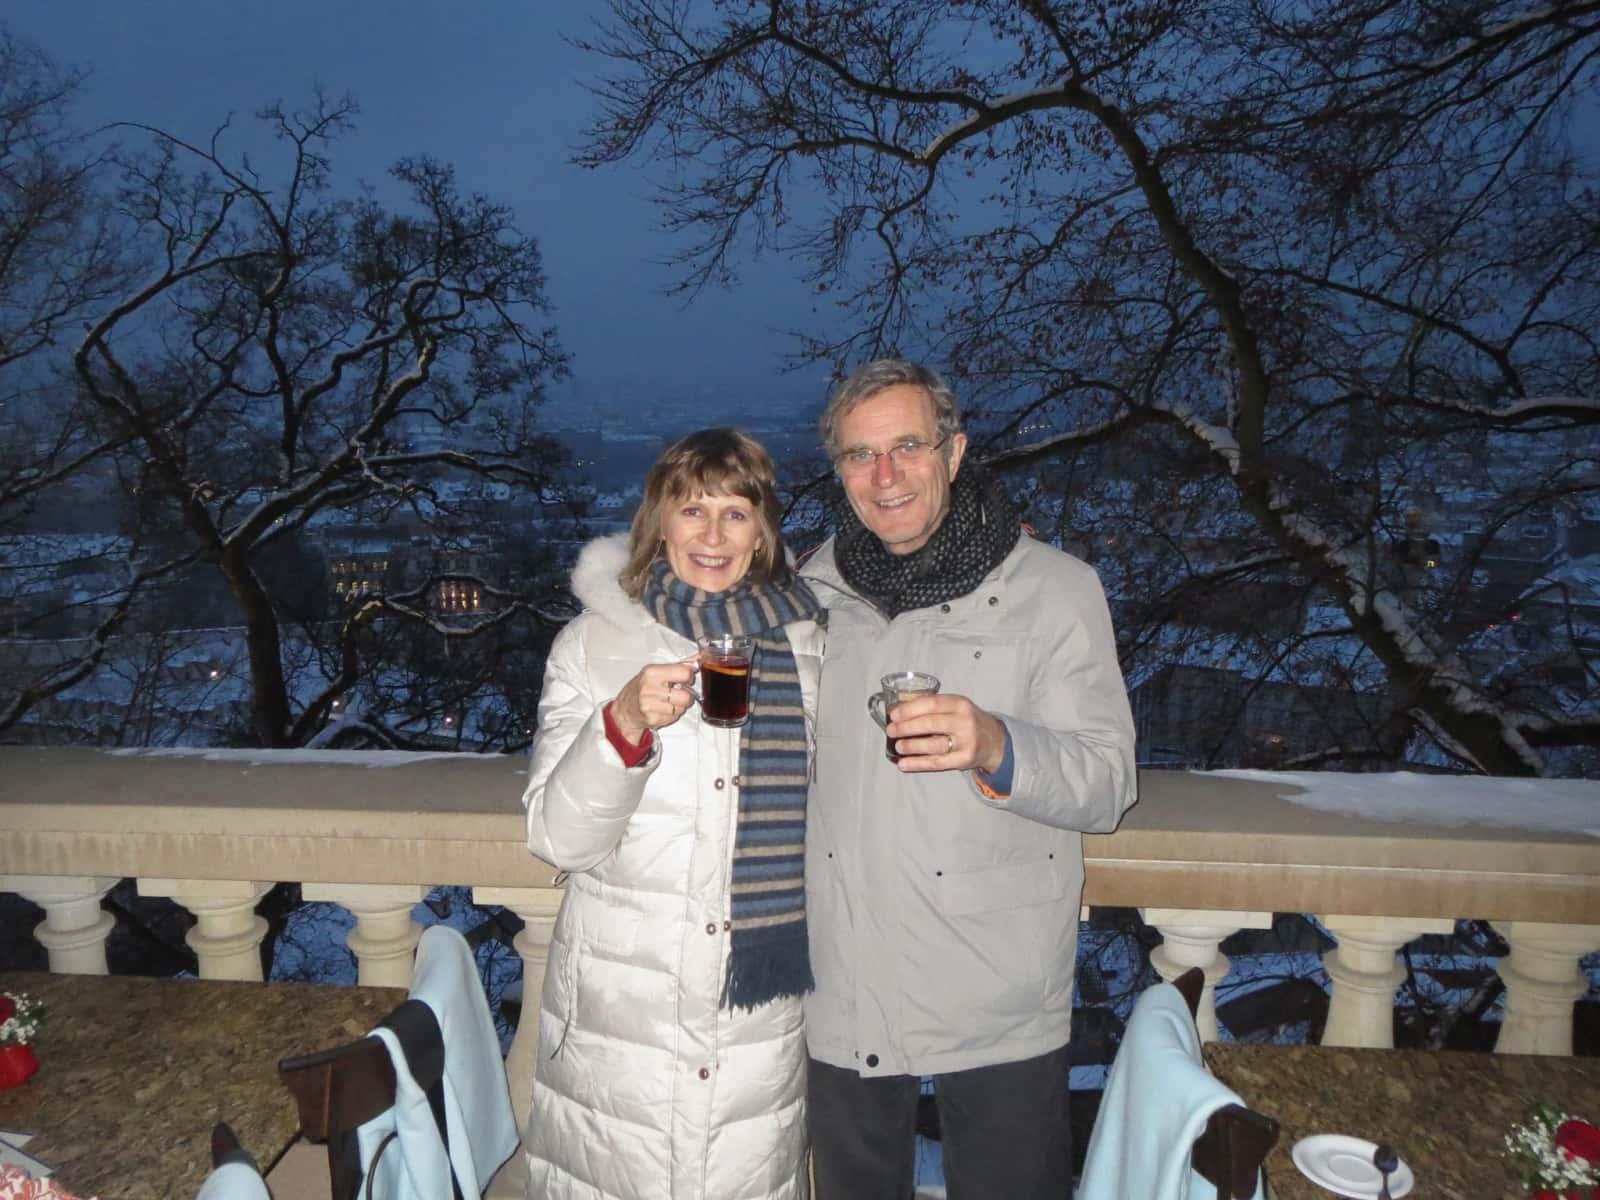 Sue & Paul from Ascot Vale, Victoria, Australia